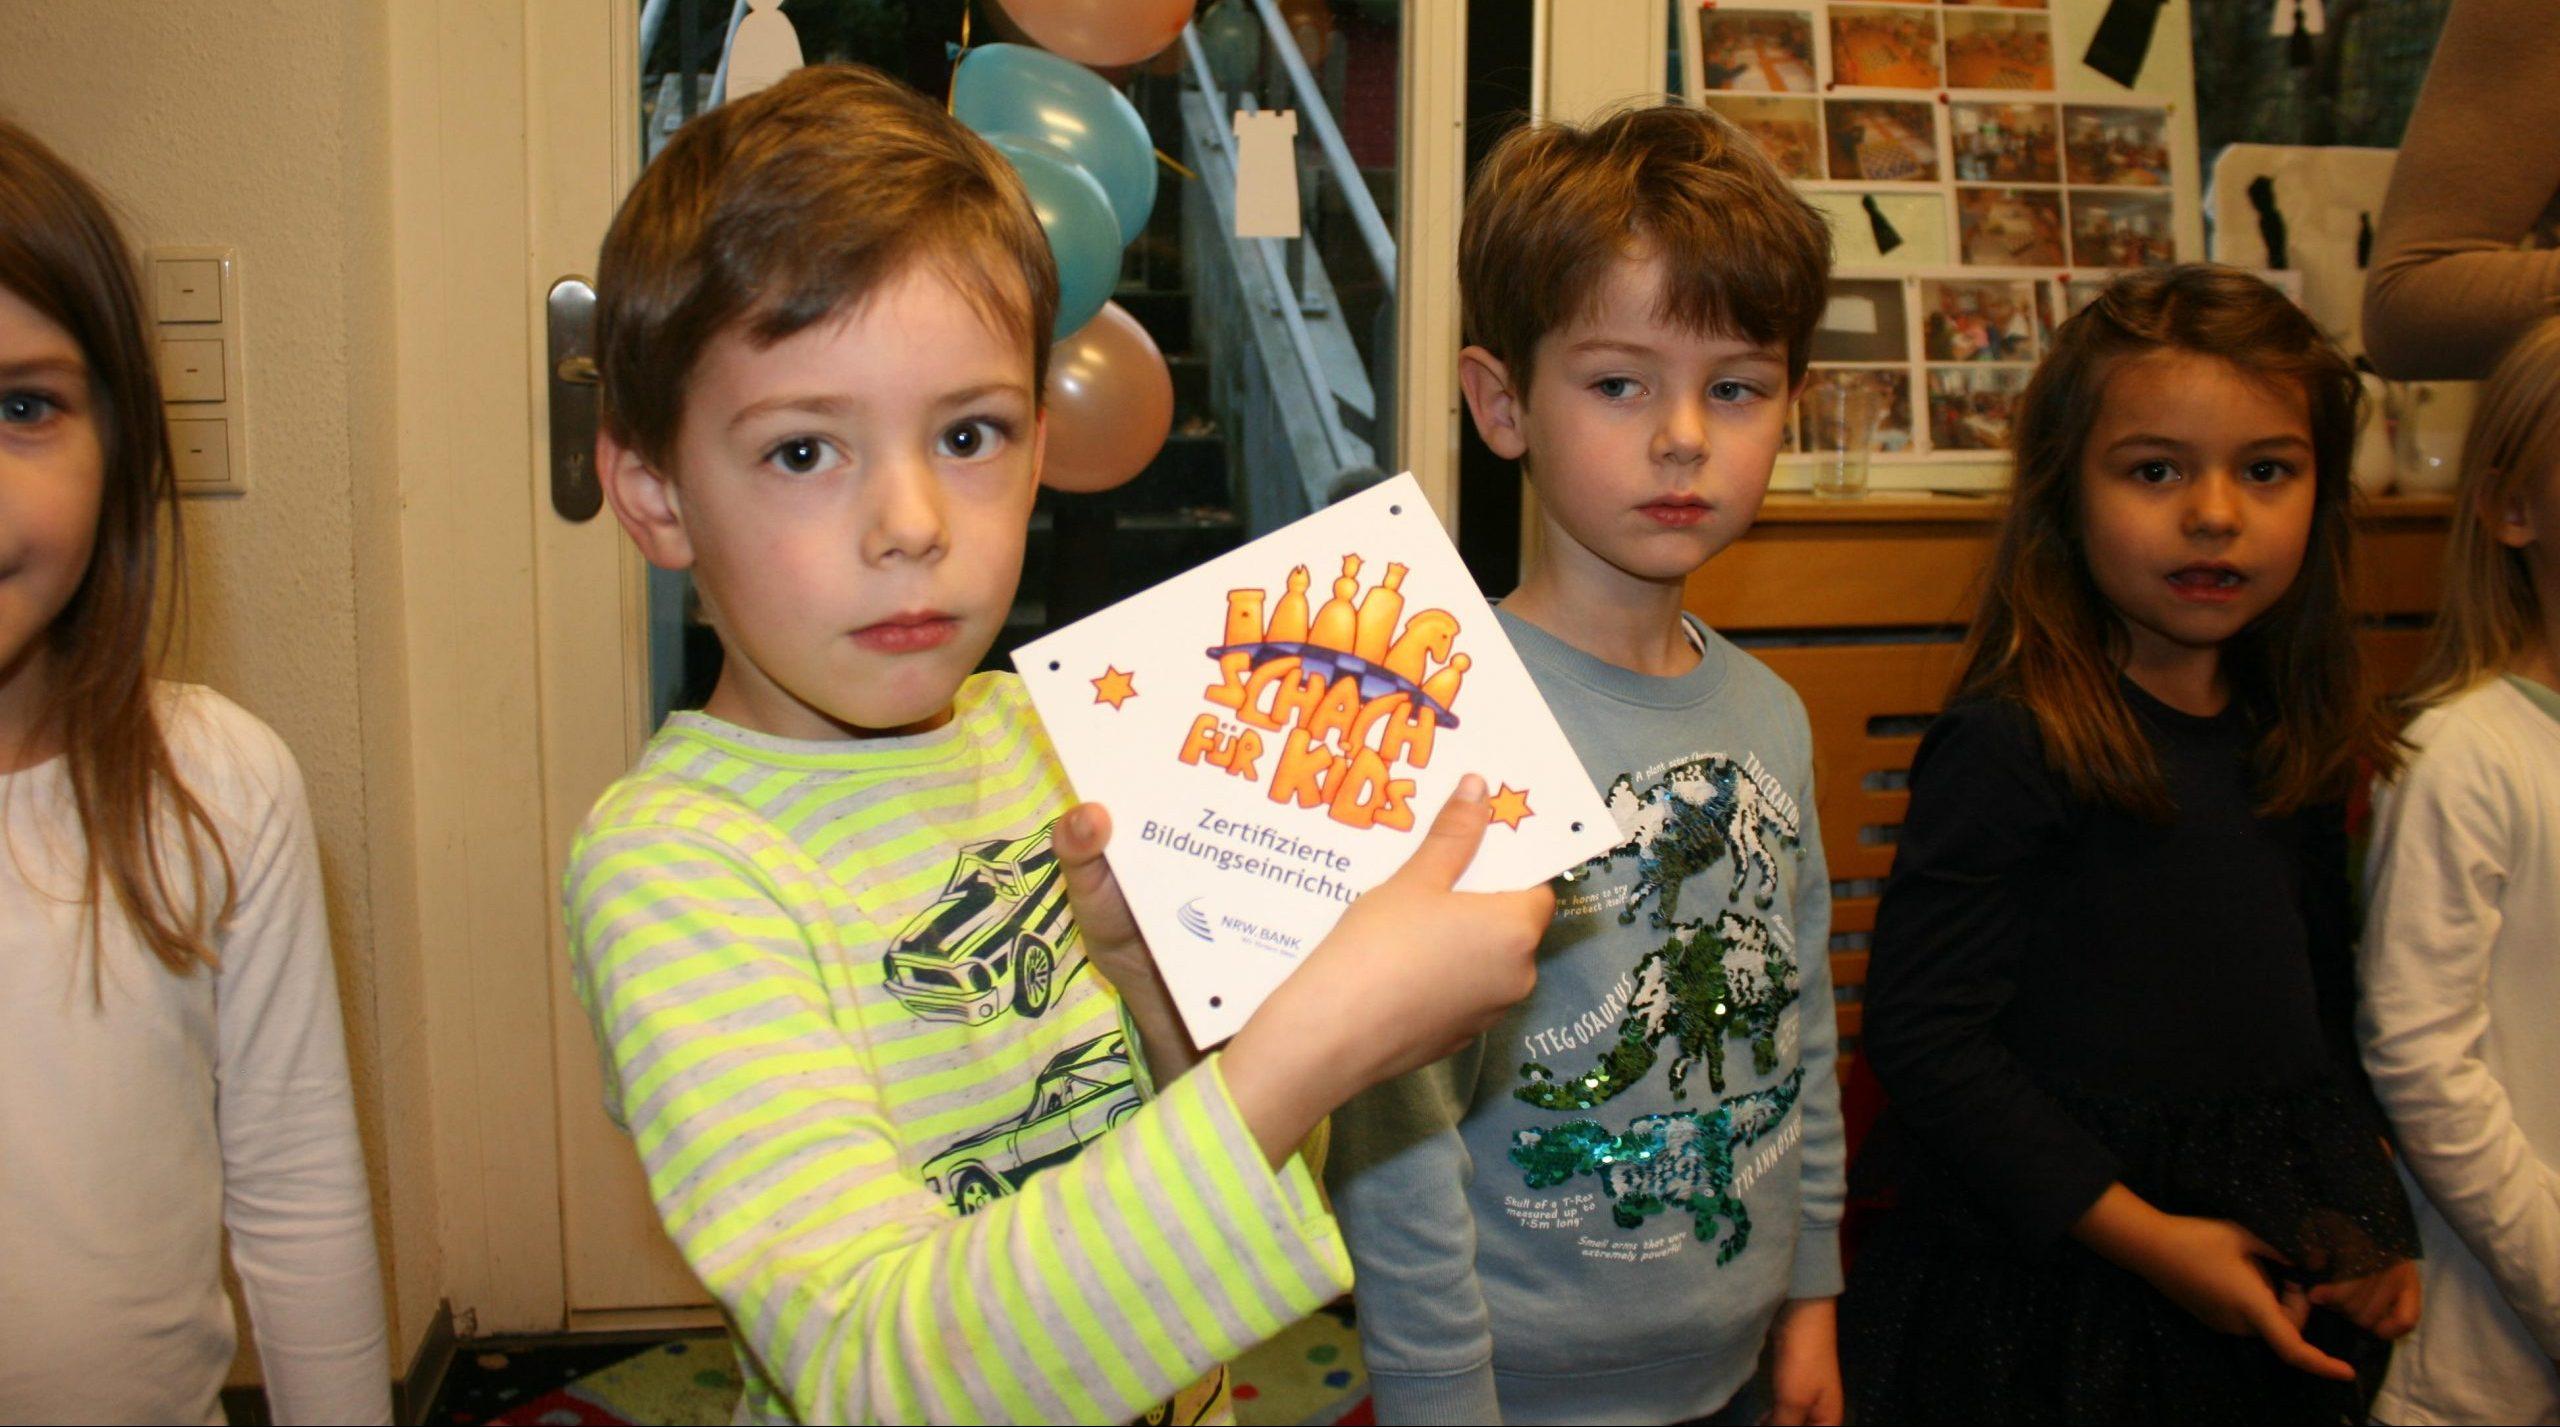 Kinderhaus Kaiserswerth als erste Düsseldorfer Einrichtung zertifiziert